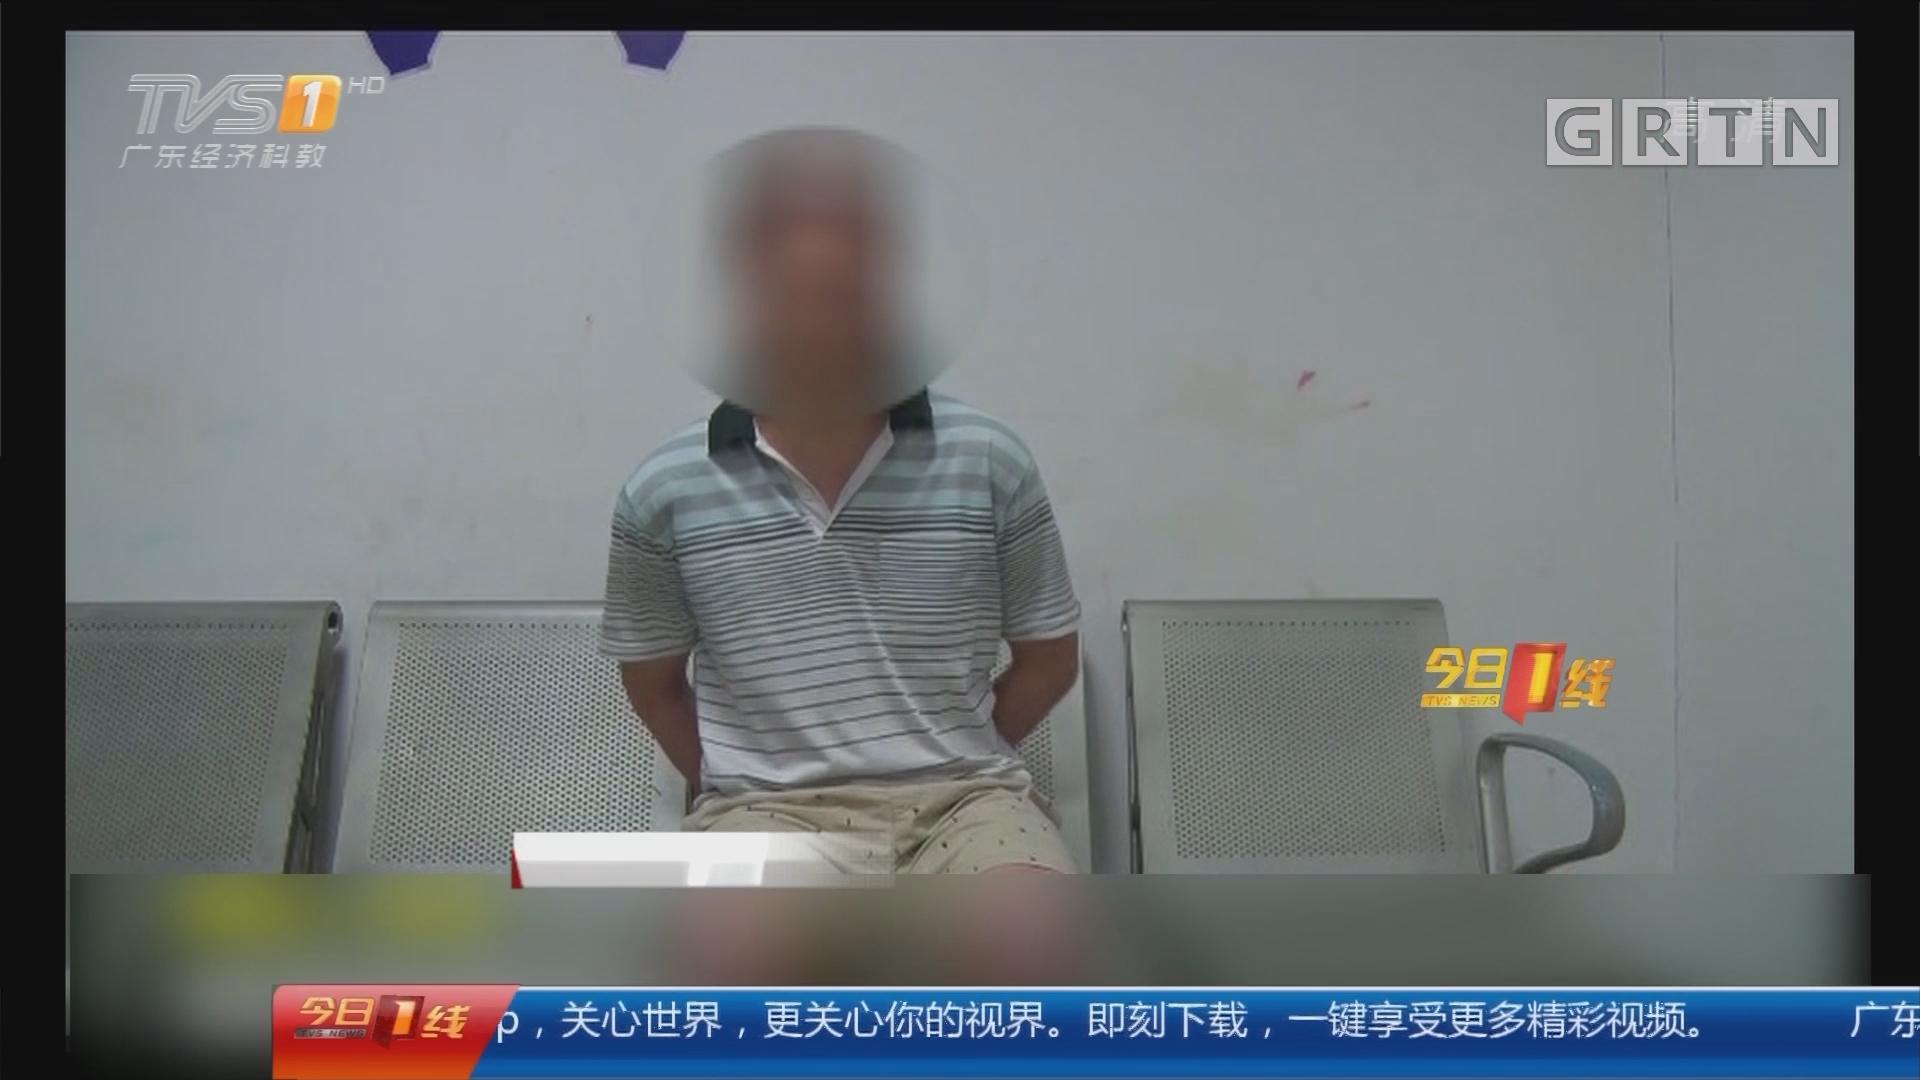 南京:合租男意图猥亵 女子急中生智巧脱身